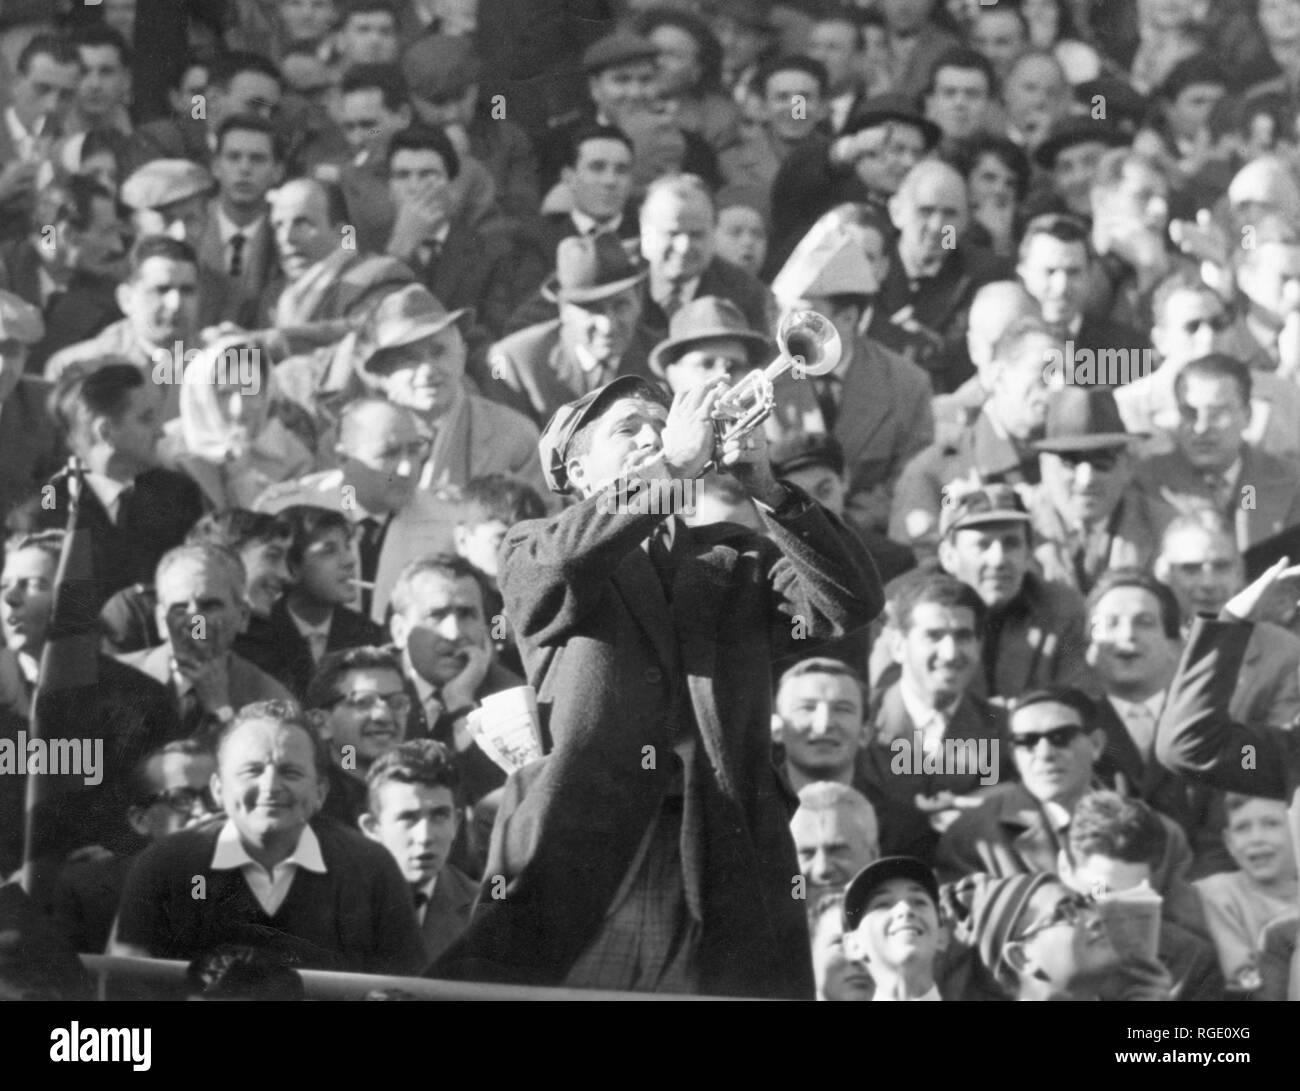 El campeonato de fútbol, inter de milán, 1960 Imagen De Stock